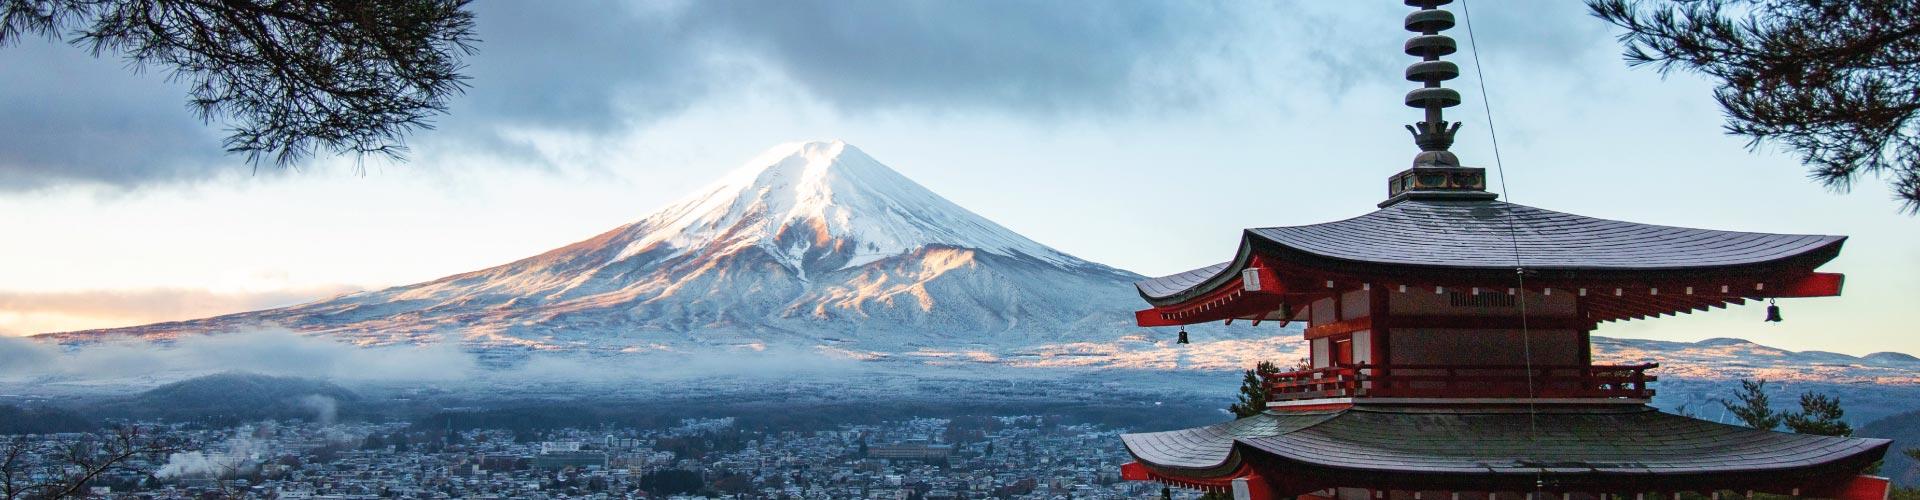 Tokyo & Mt Fuji Pick & Match Tour